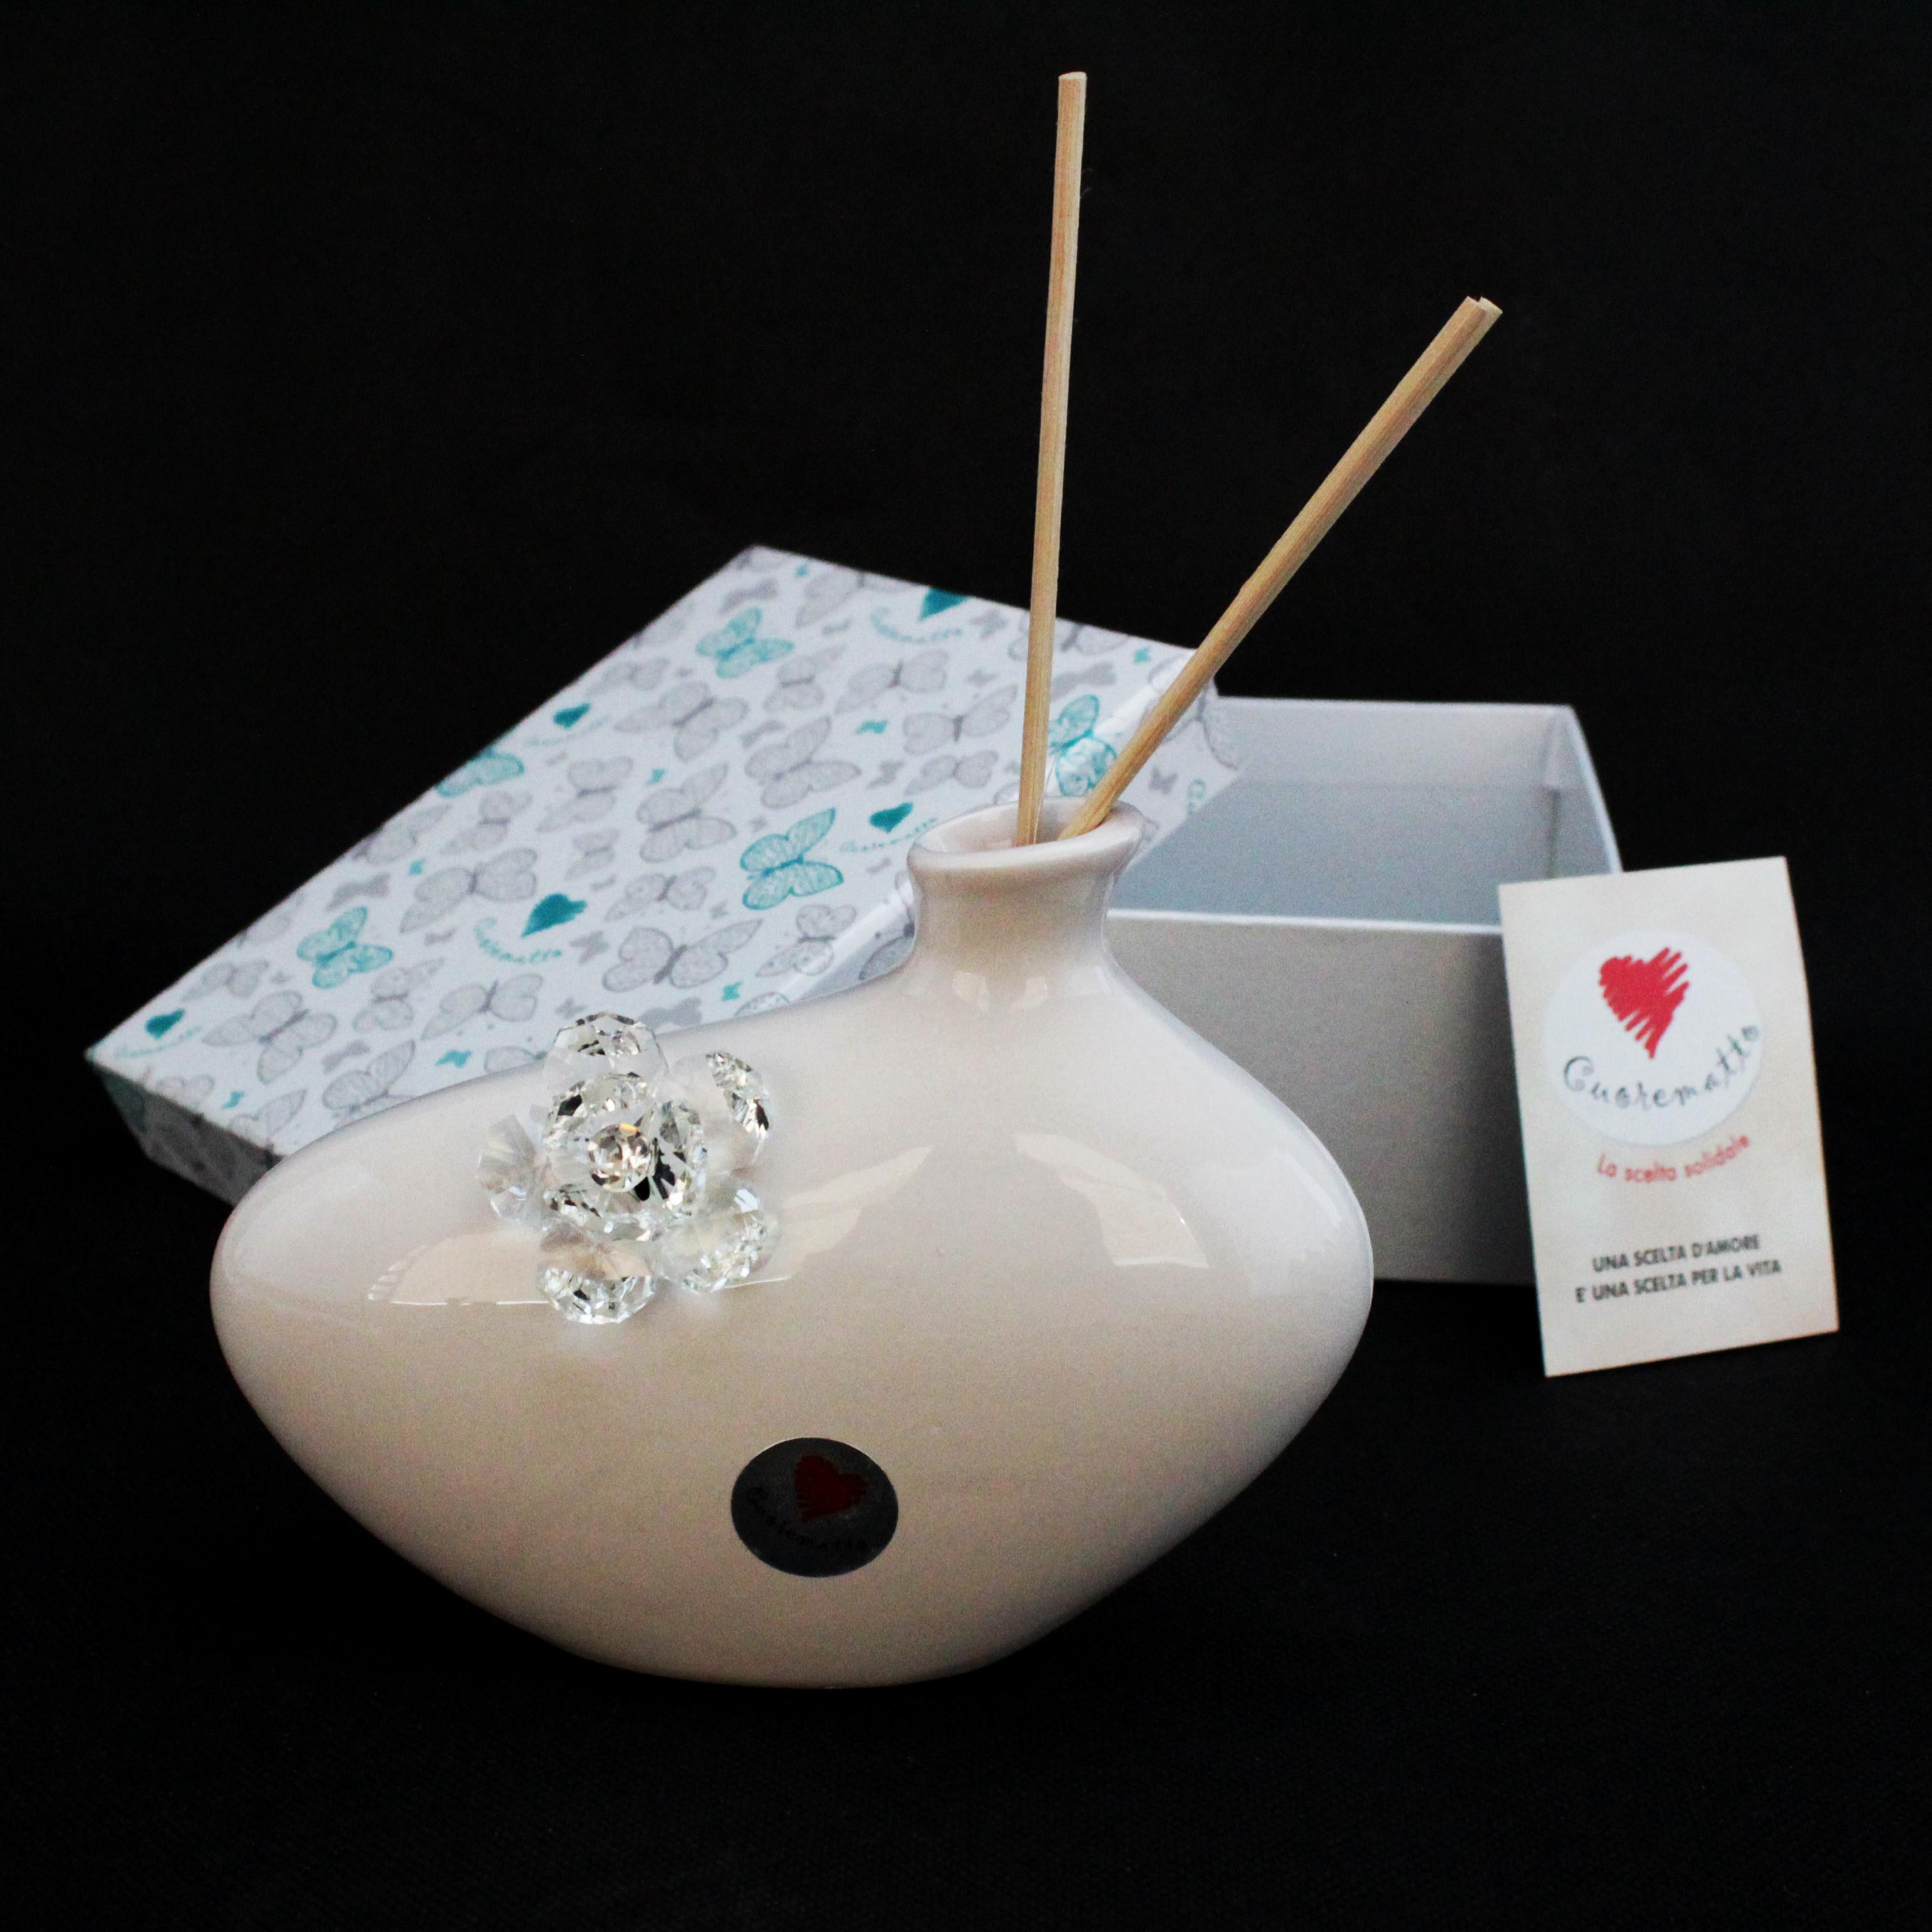 Profumatore in ceramica con fiore cristallo